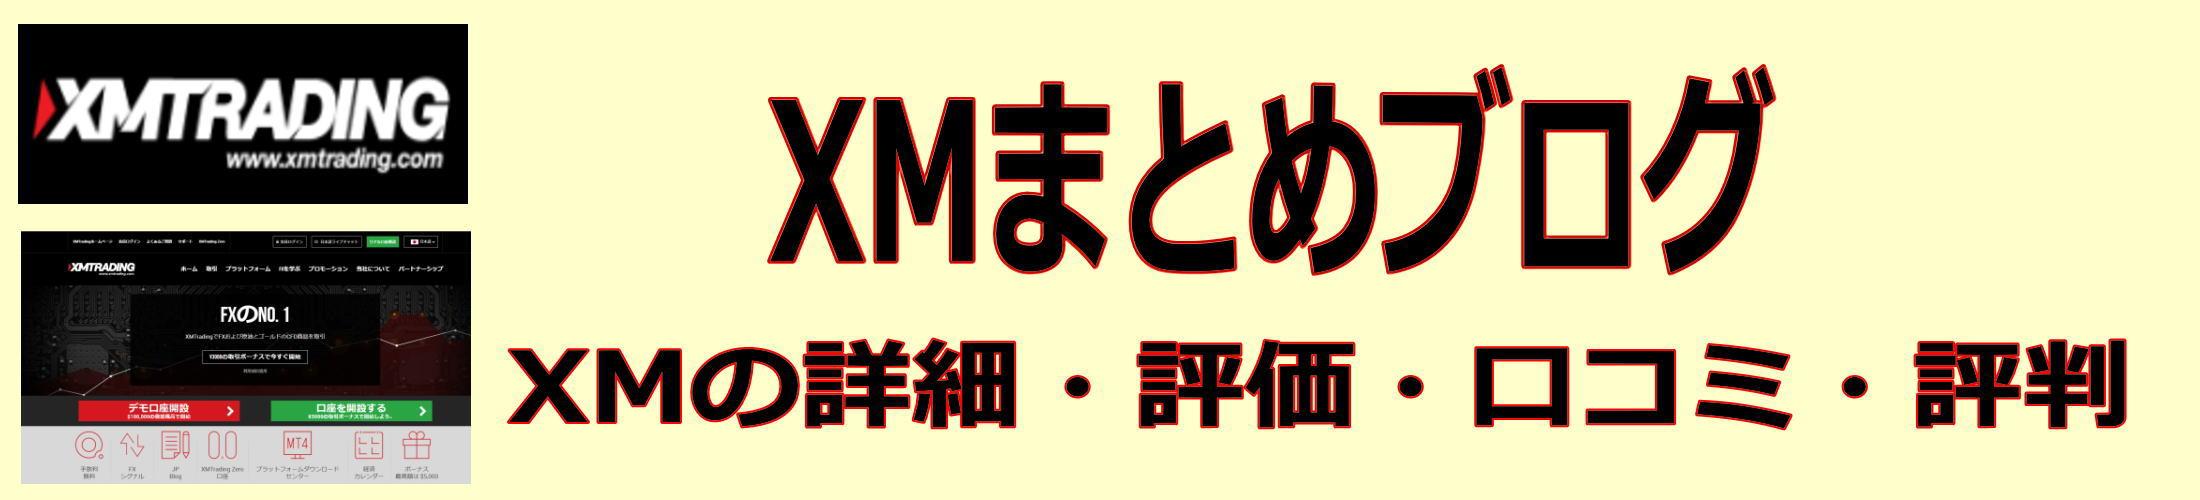 XMの口コミ・評判・詳細・概要